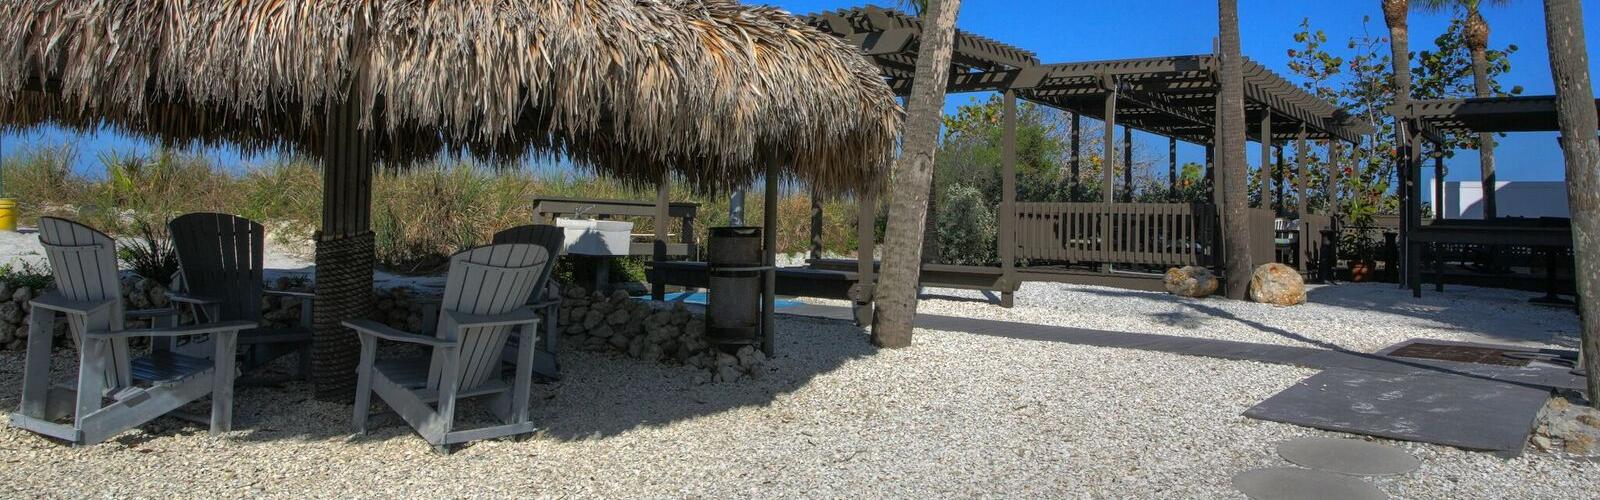 Tiki Hut Area